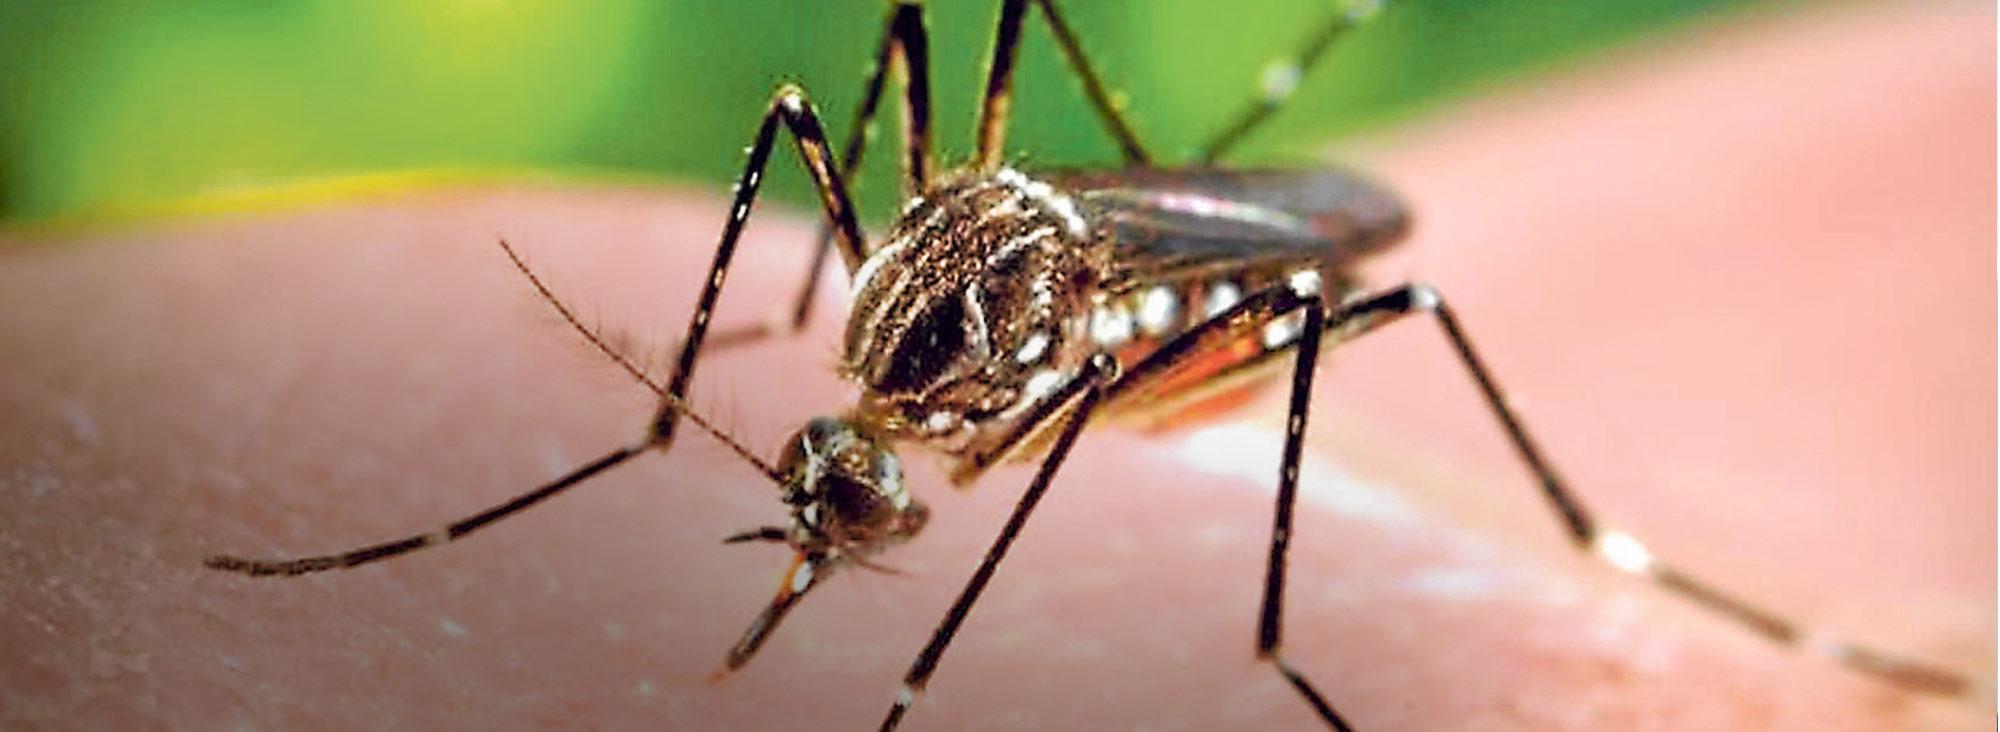 Slider zika